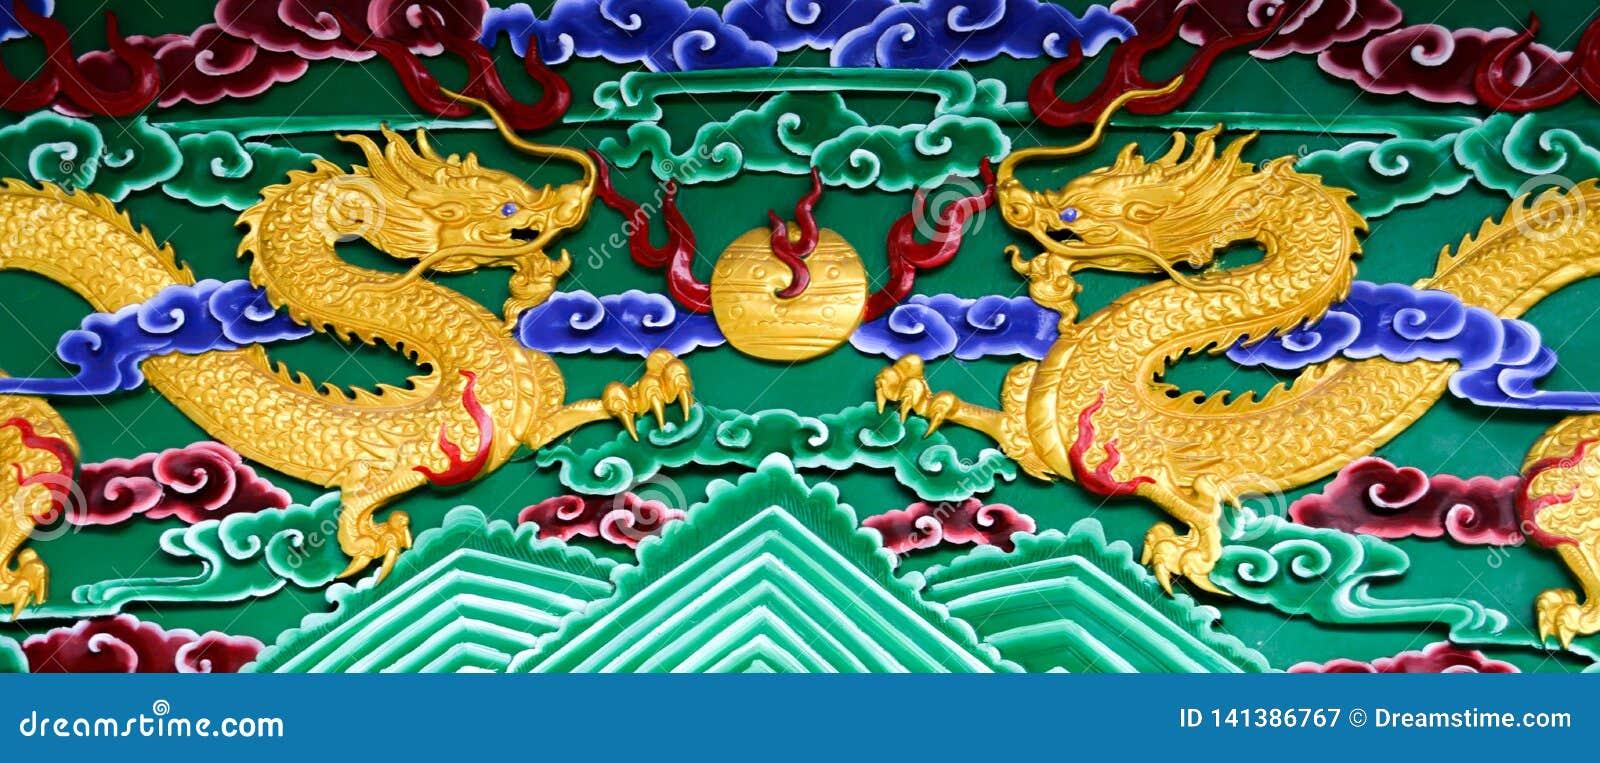 Goldene Drachen auf einer Ferninsel in China